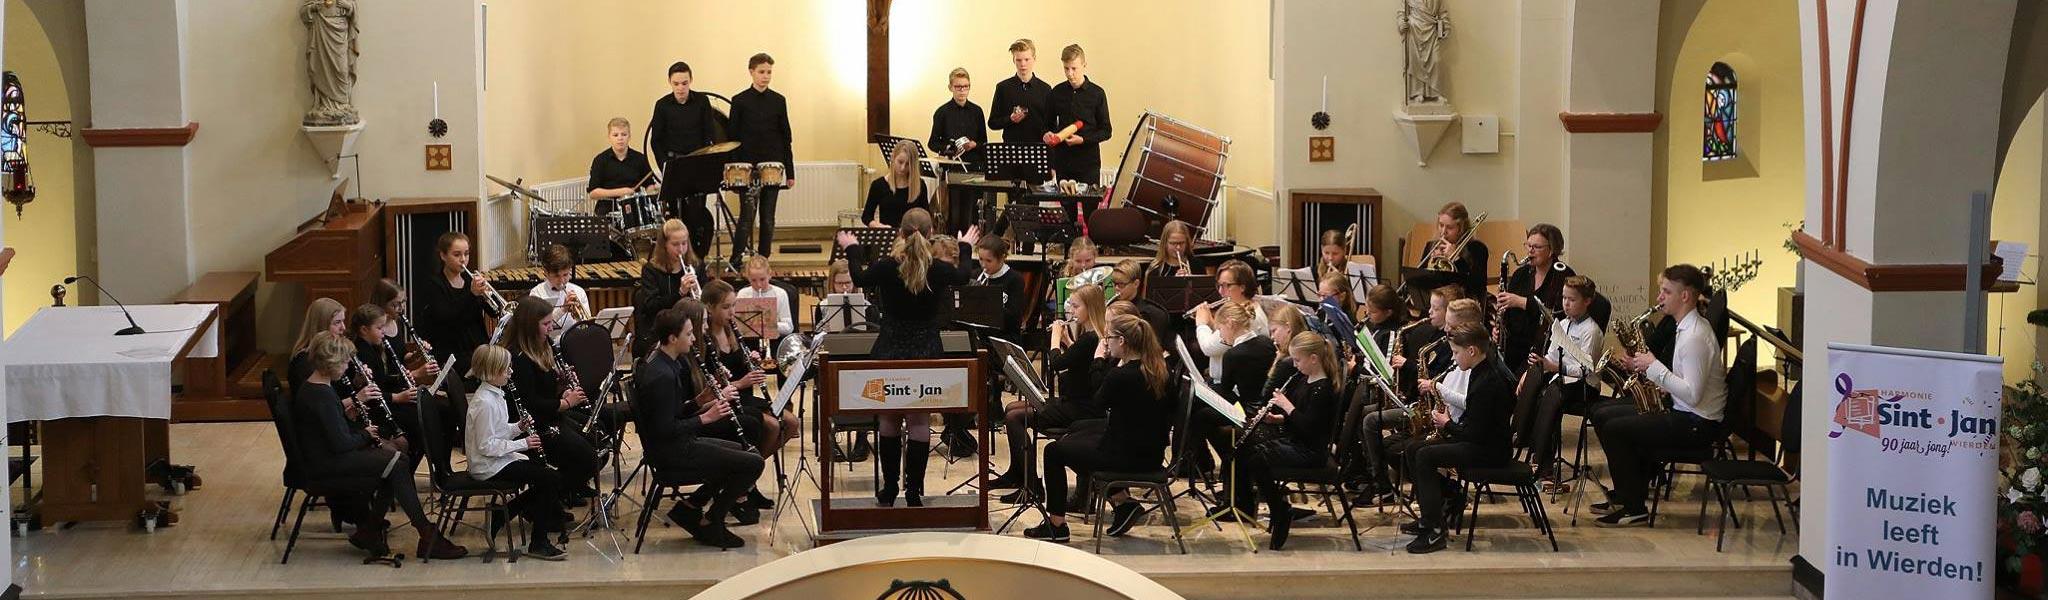 Harmonie Sint-Jan zamelt in voor Reddingshonden Overijssel